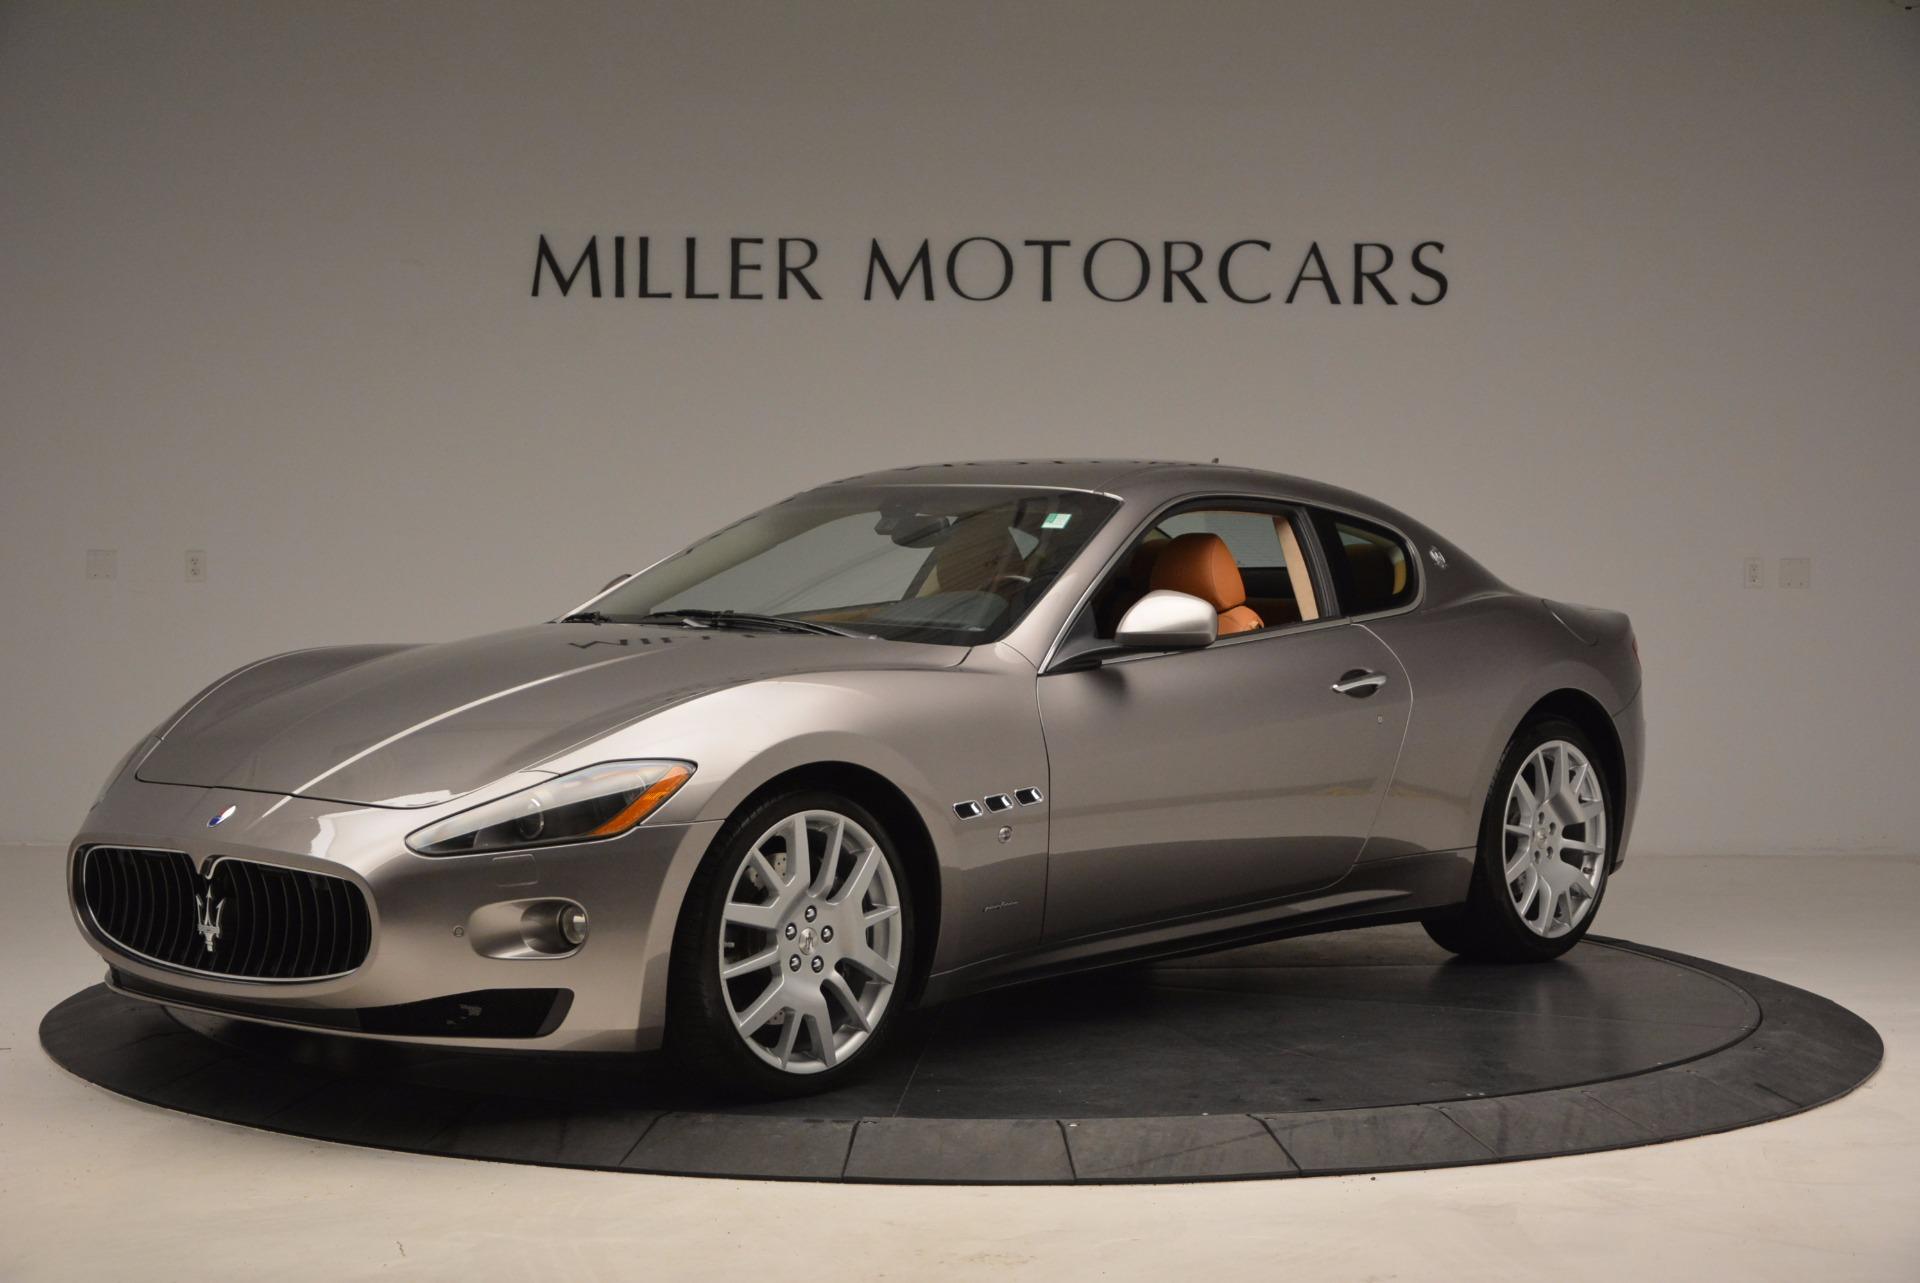 Used 2009 Maserati GranTurismo S For Sale In Westport, CT 1063_p2